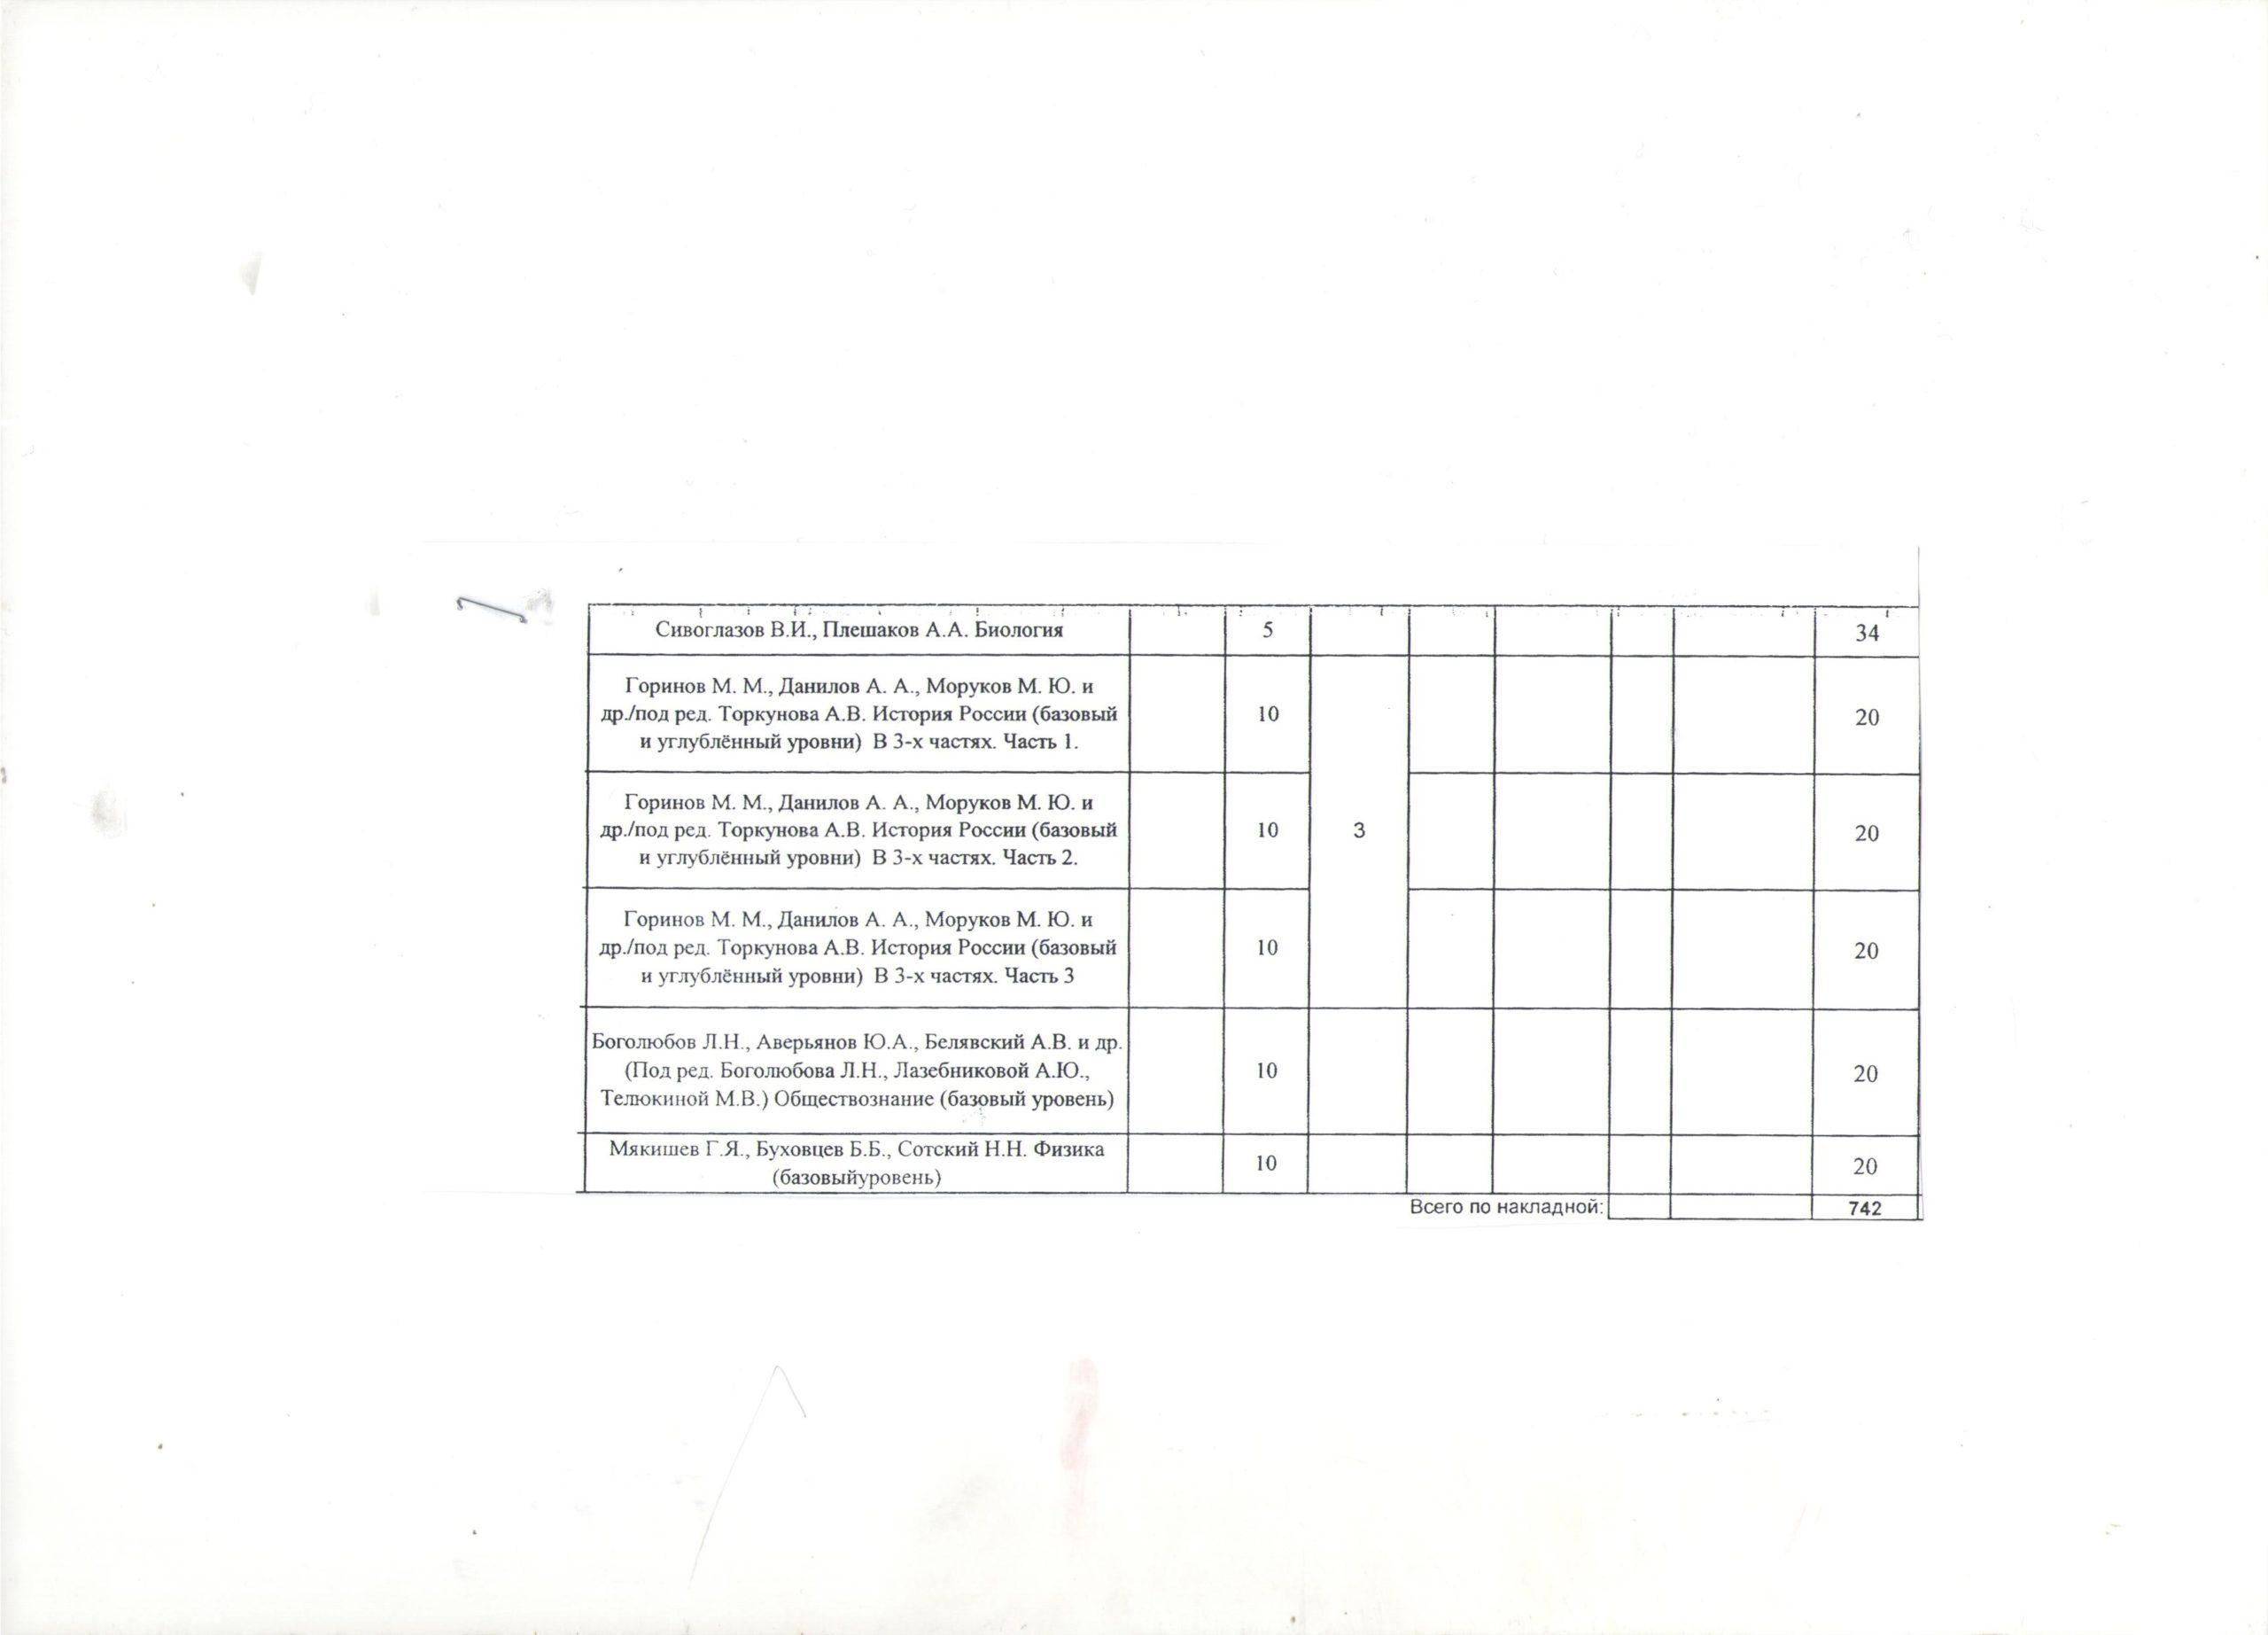 список учебников полученных в 2019-2020 уч. году за счет средств 002